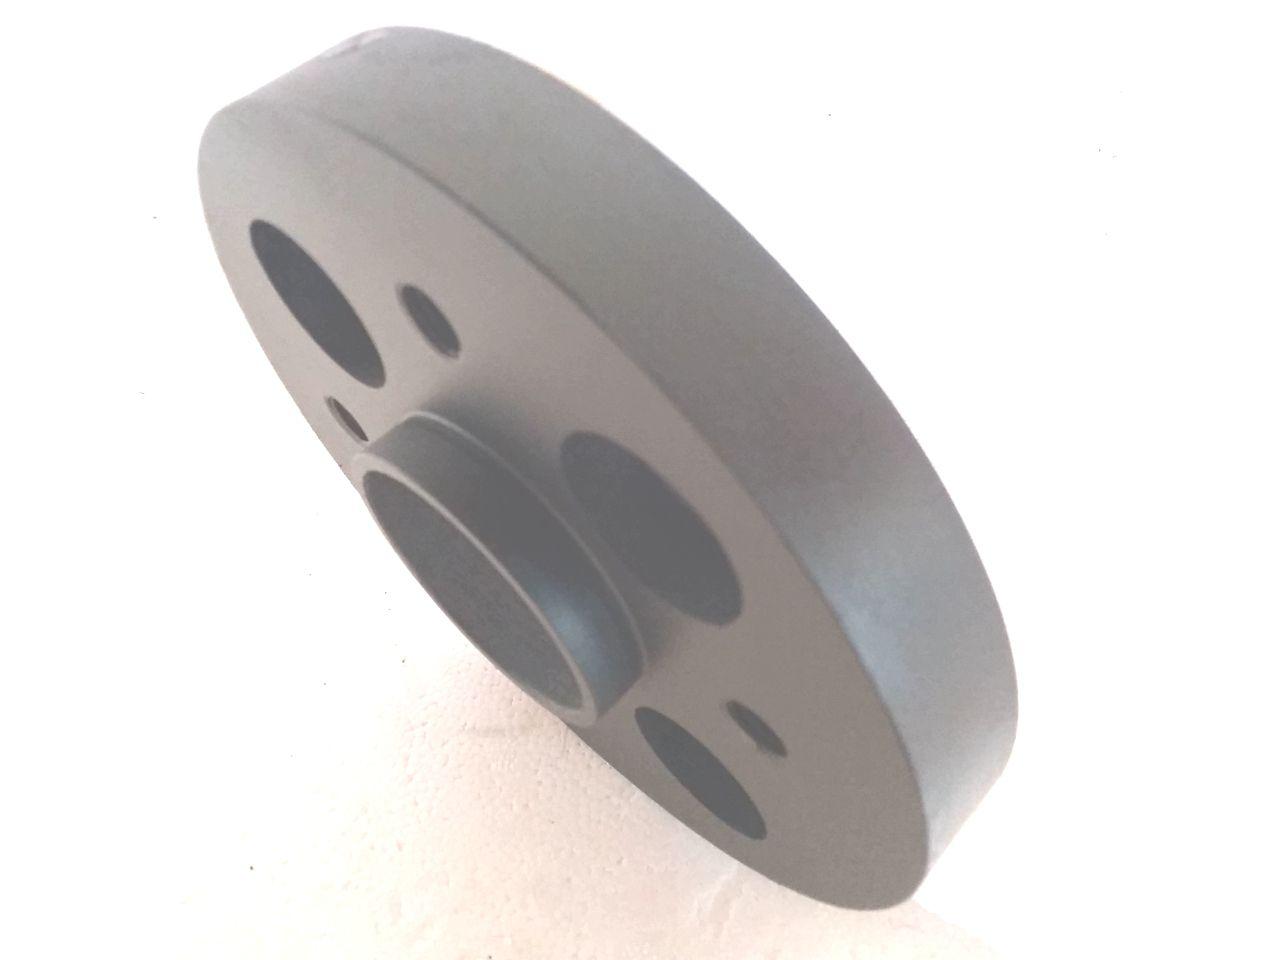 02 Pç Espaçador De Roda Gol 4x100mm P/ 4x100mm 25mm S/paraf